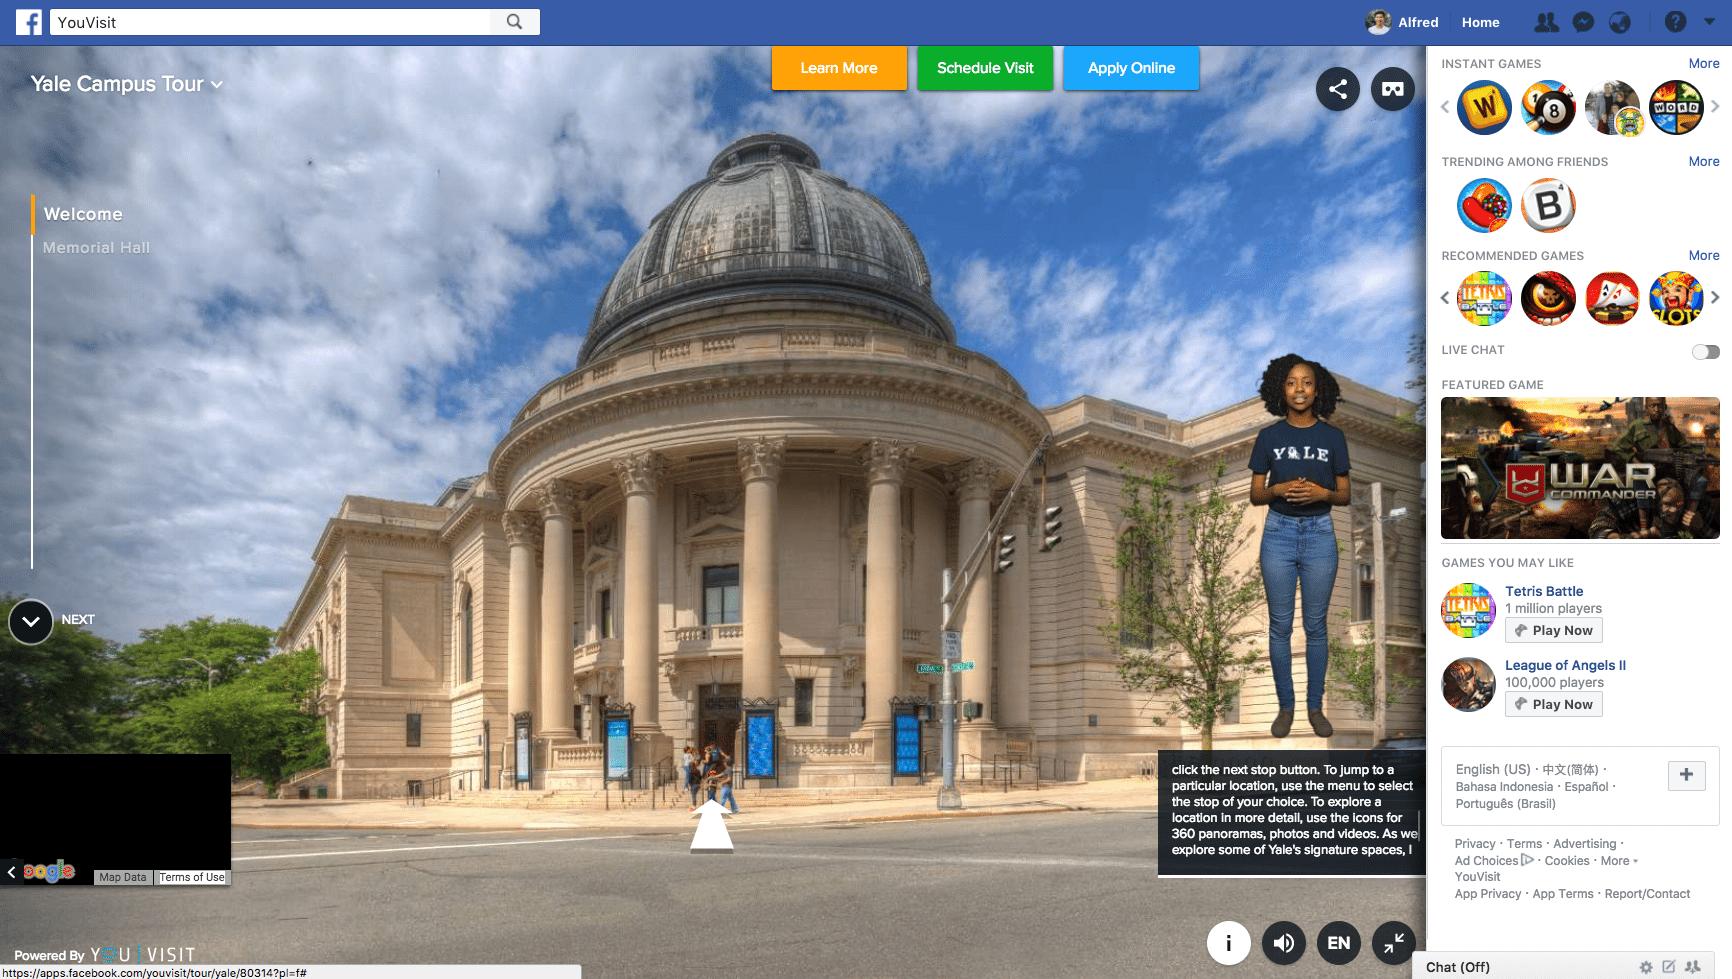 Yale University VR campus tour